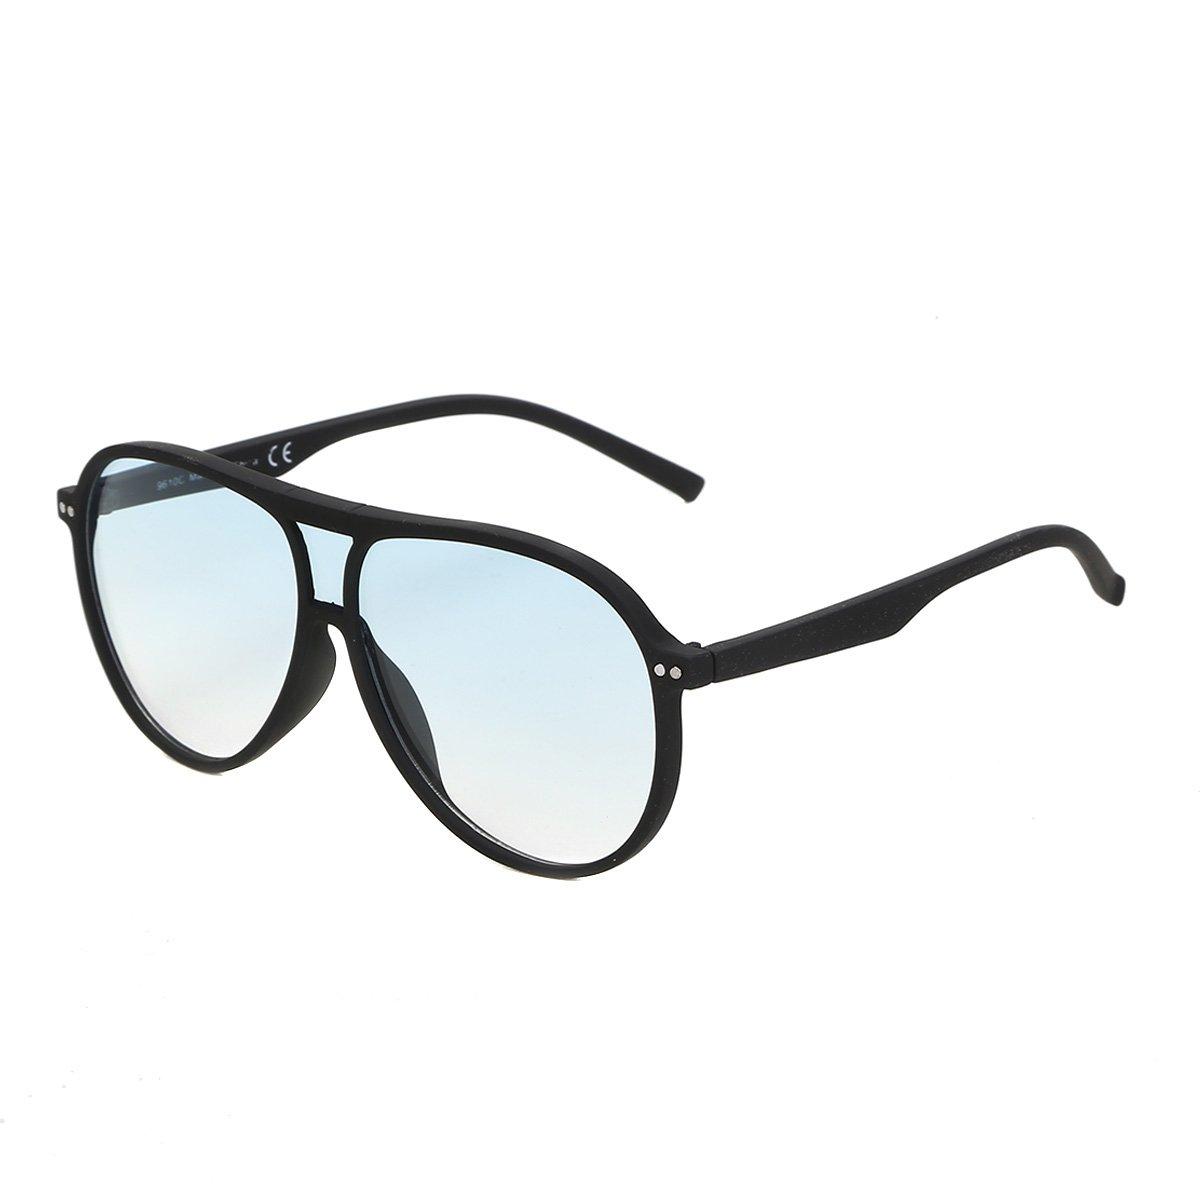 48cb8a332 Óculos de Sol King One A36